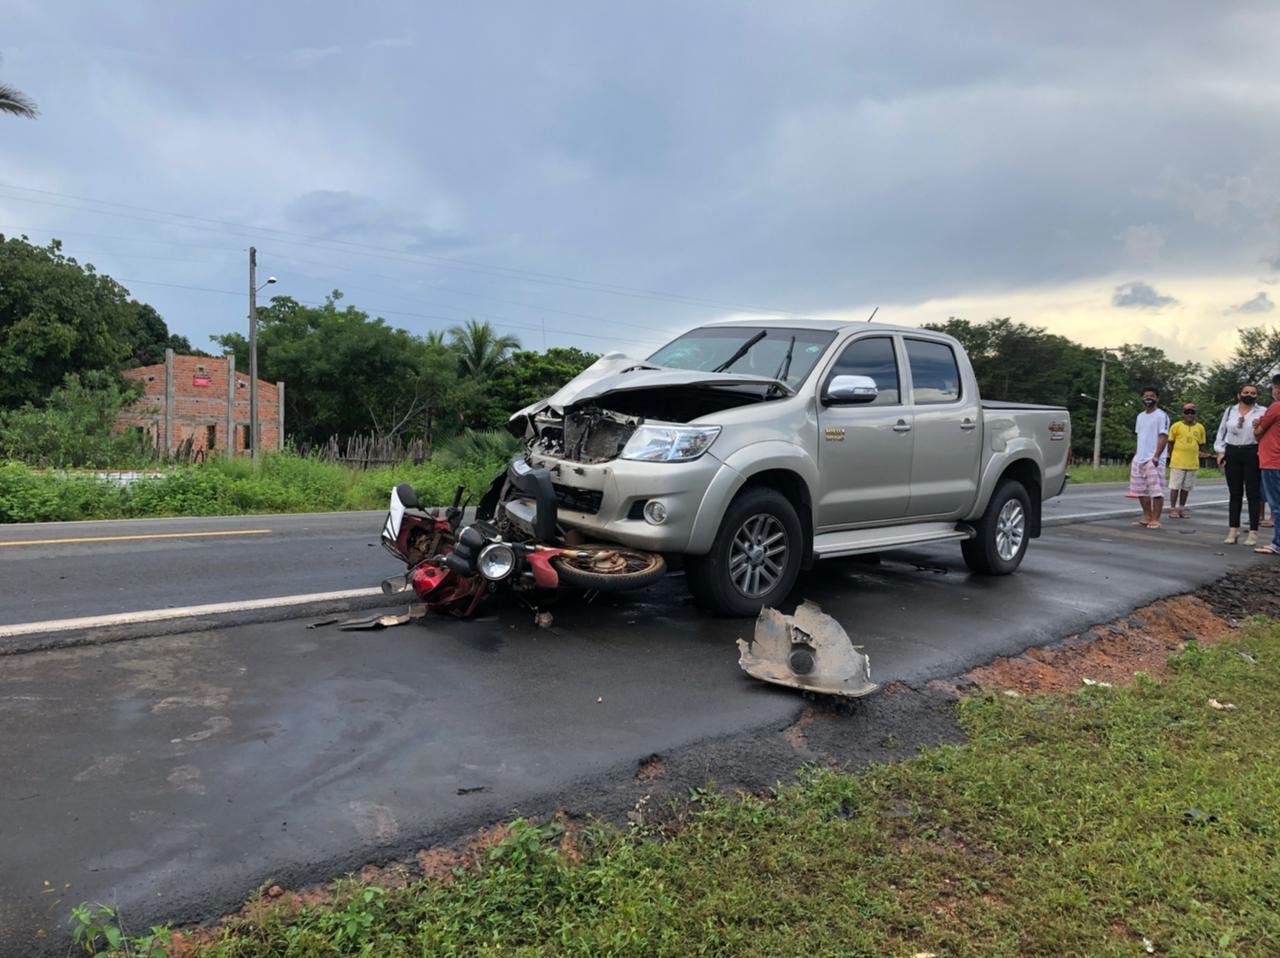 Motorista da caminhonete não conseguiu desviar do motociclista - Foto: Helder Felipe/Meio Norte